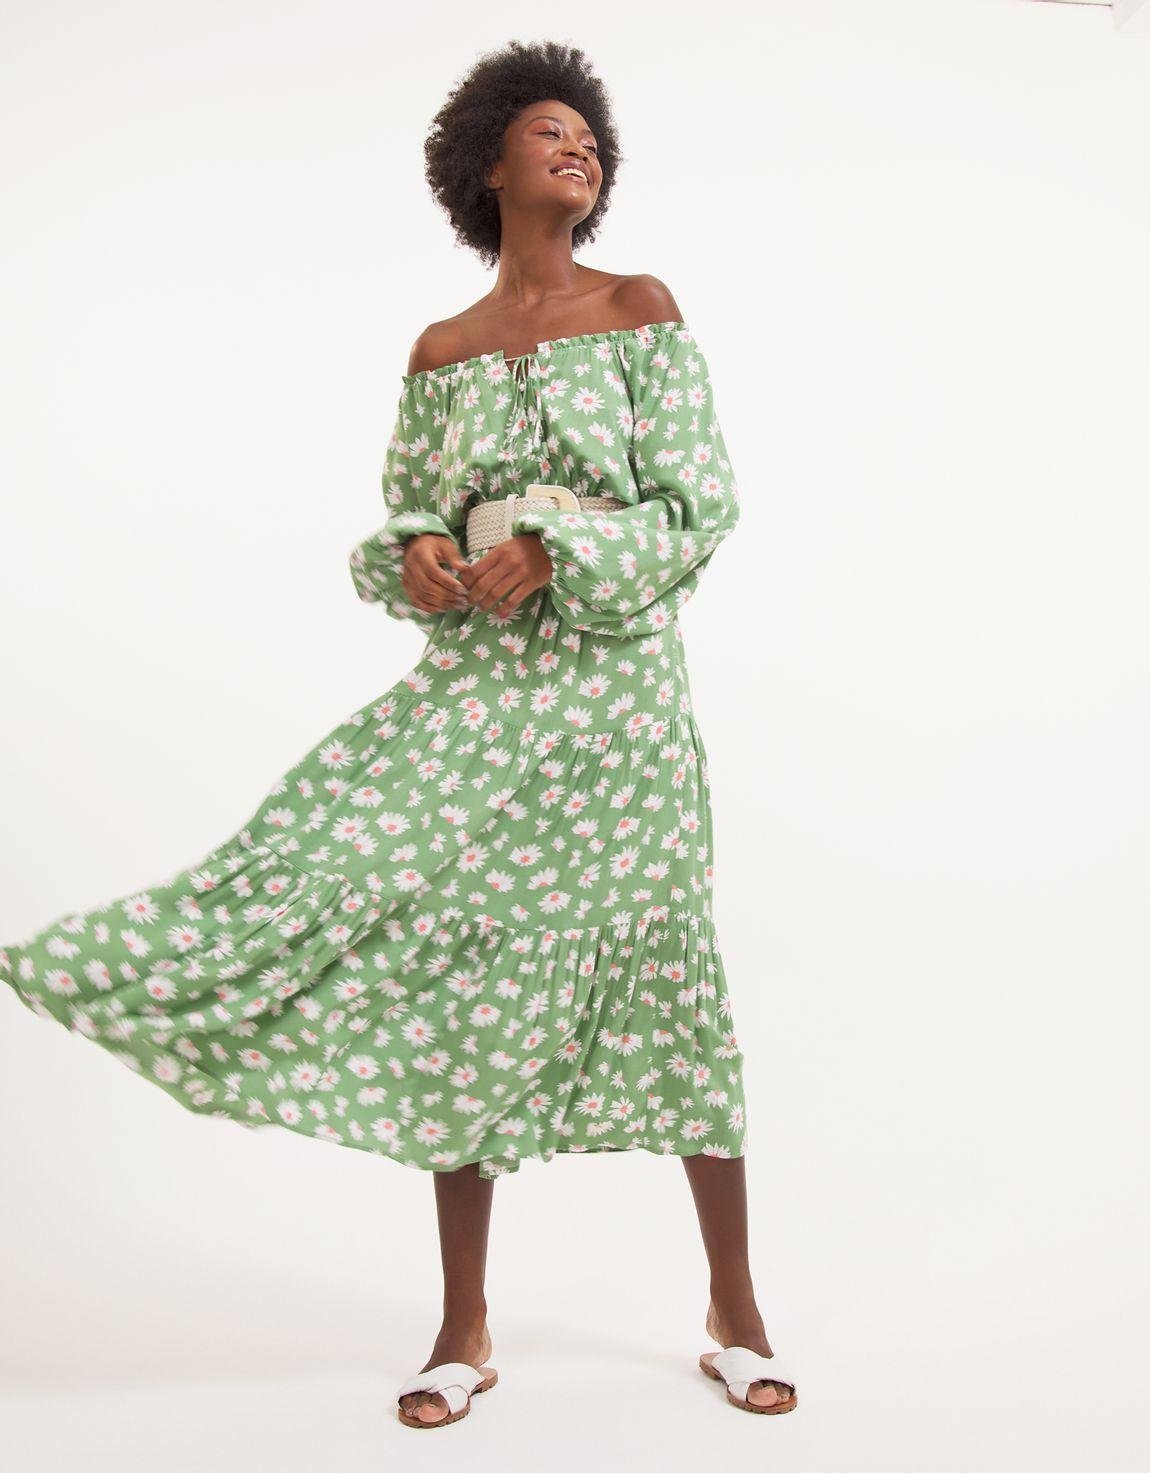 Vestido amarração mini margaridas verde